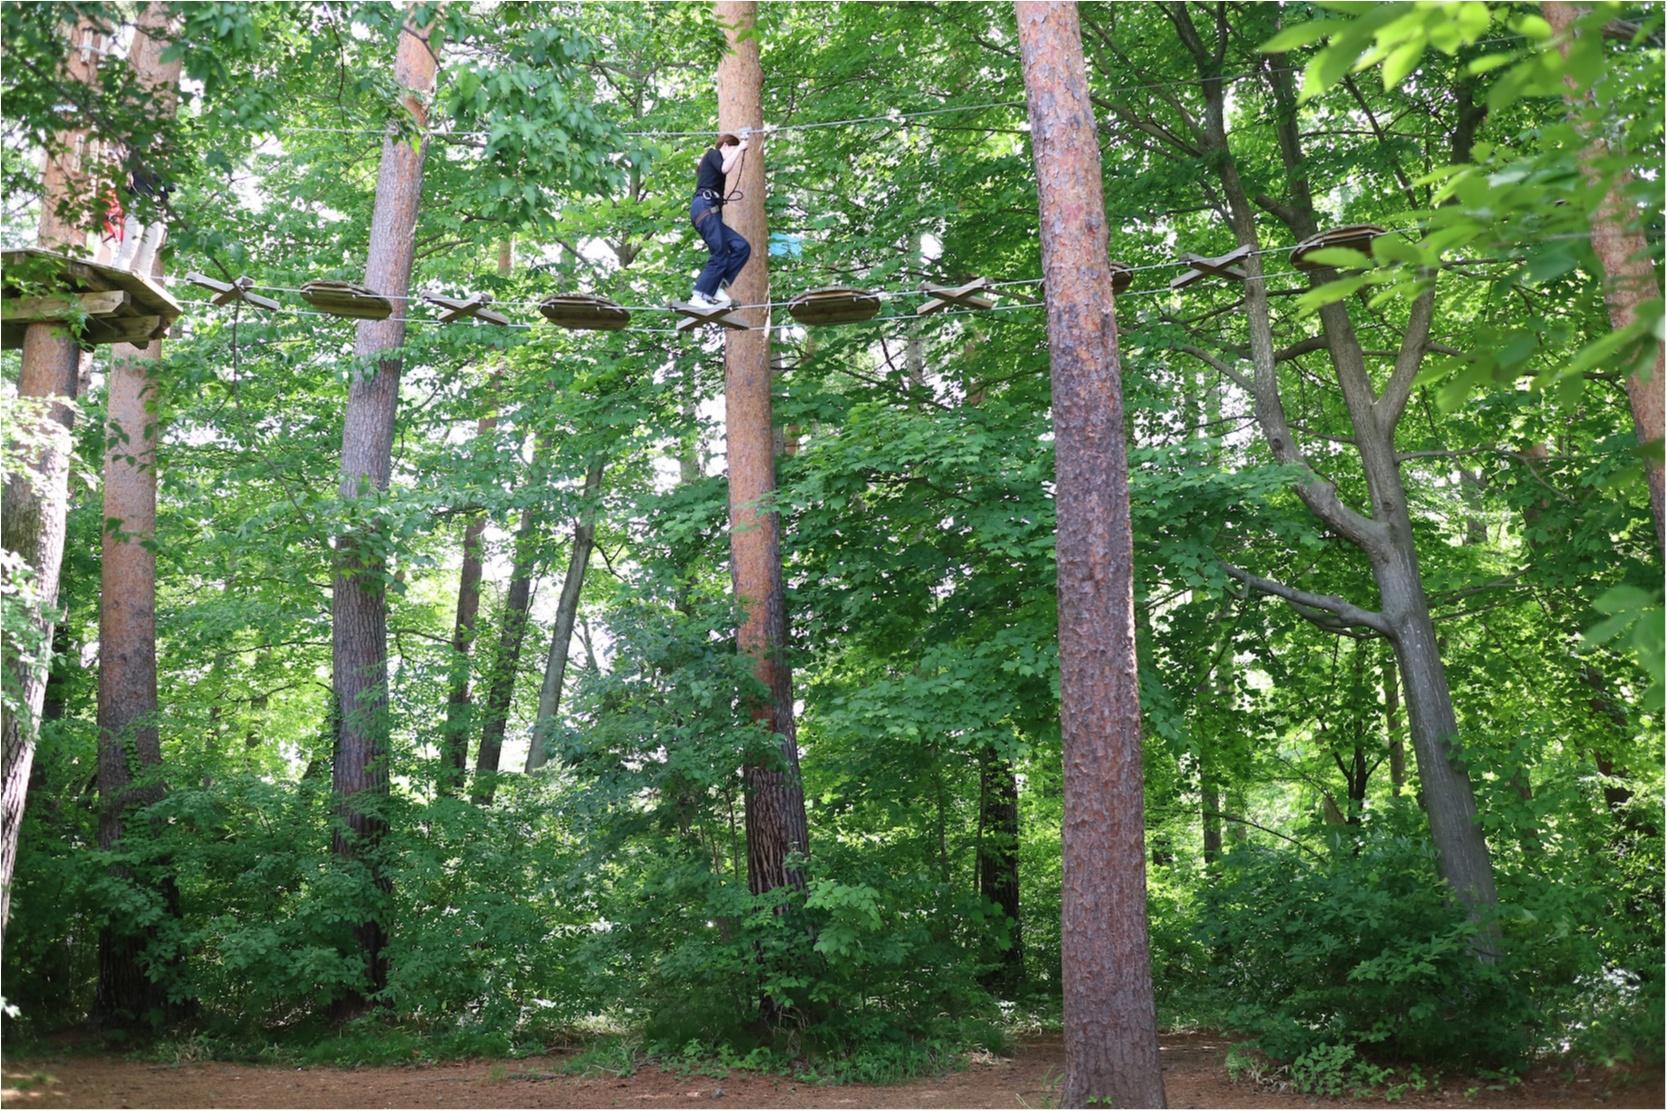 『星野リゾート リゾナーレ八ヶ岳』がリニューアル! 森の中のワインリゾートを体感してきました♡_6